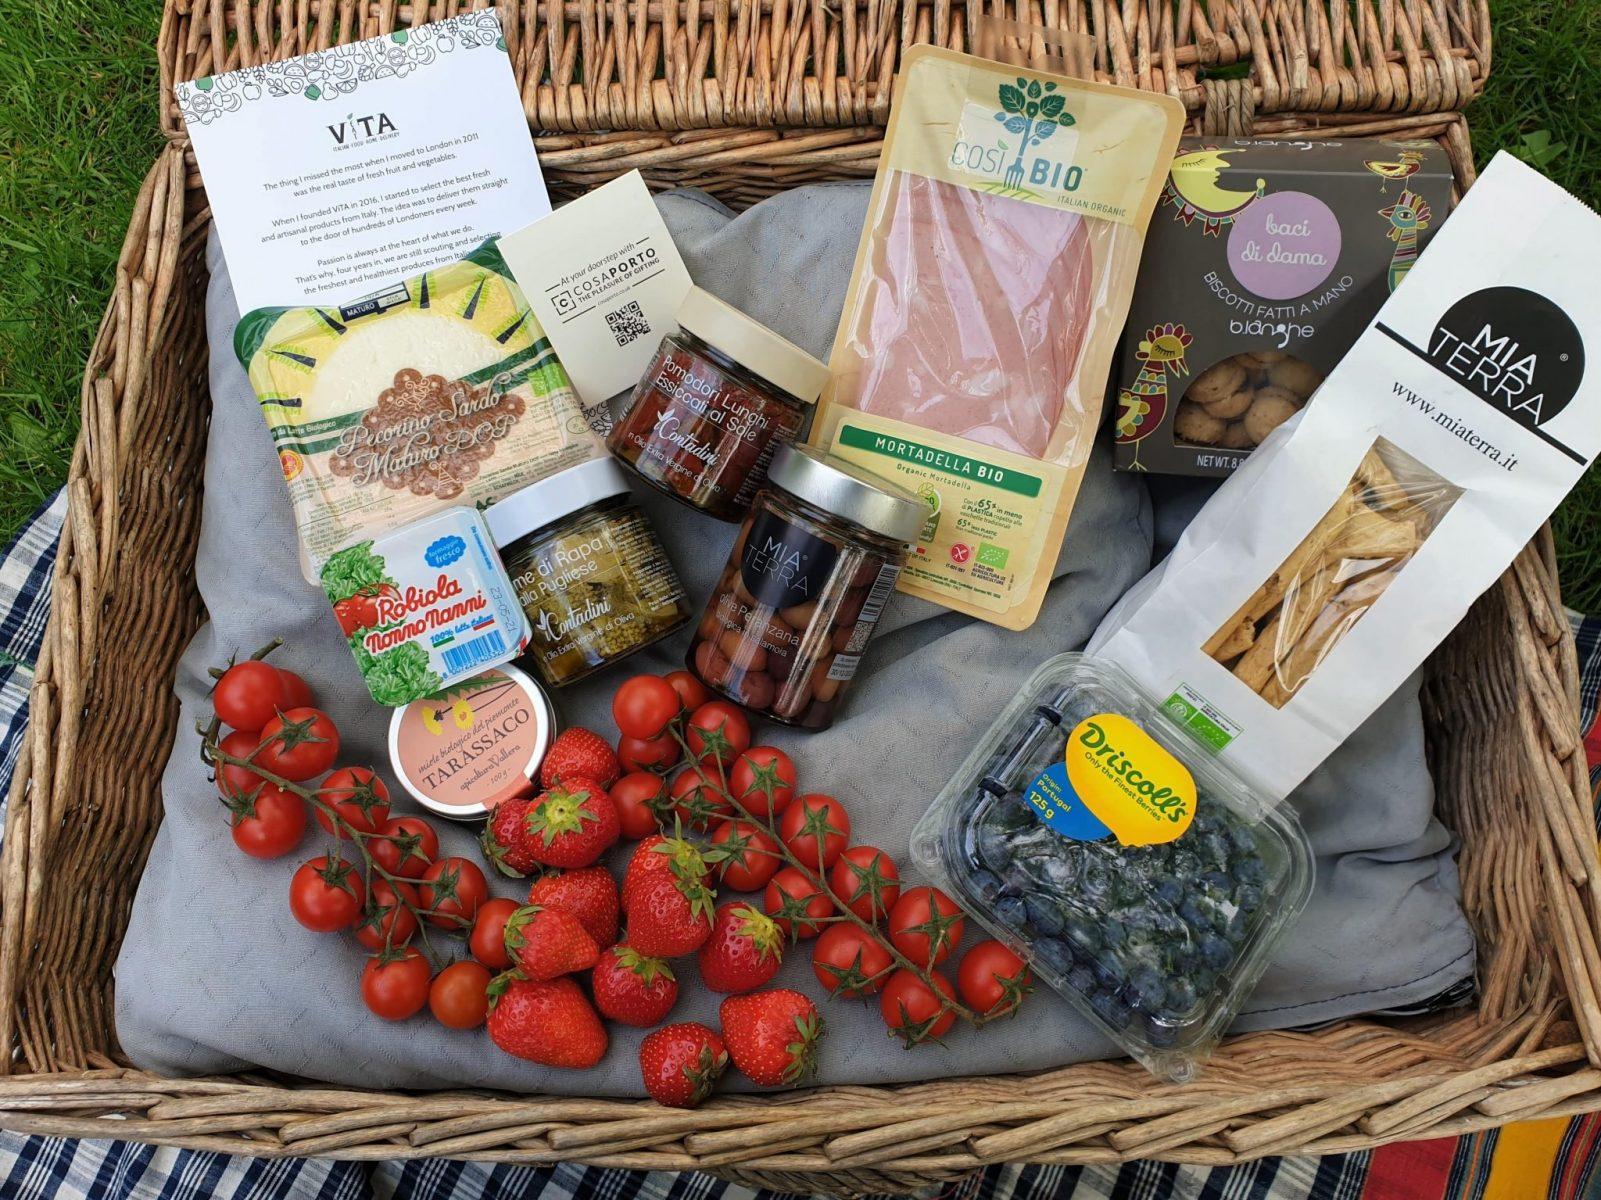 Cosaporto Italian picnic delivery service